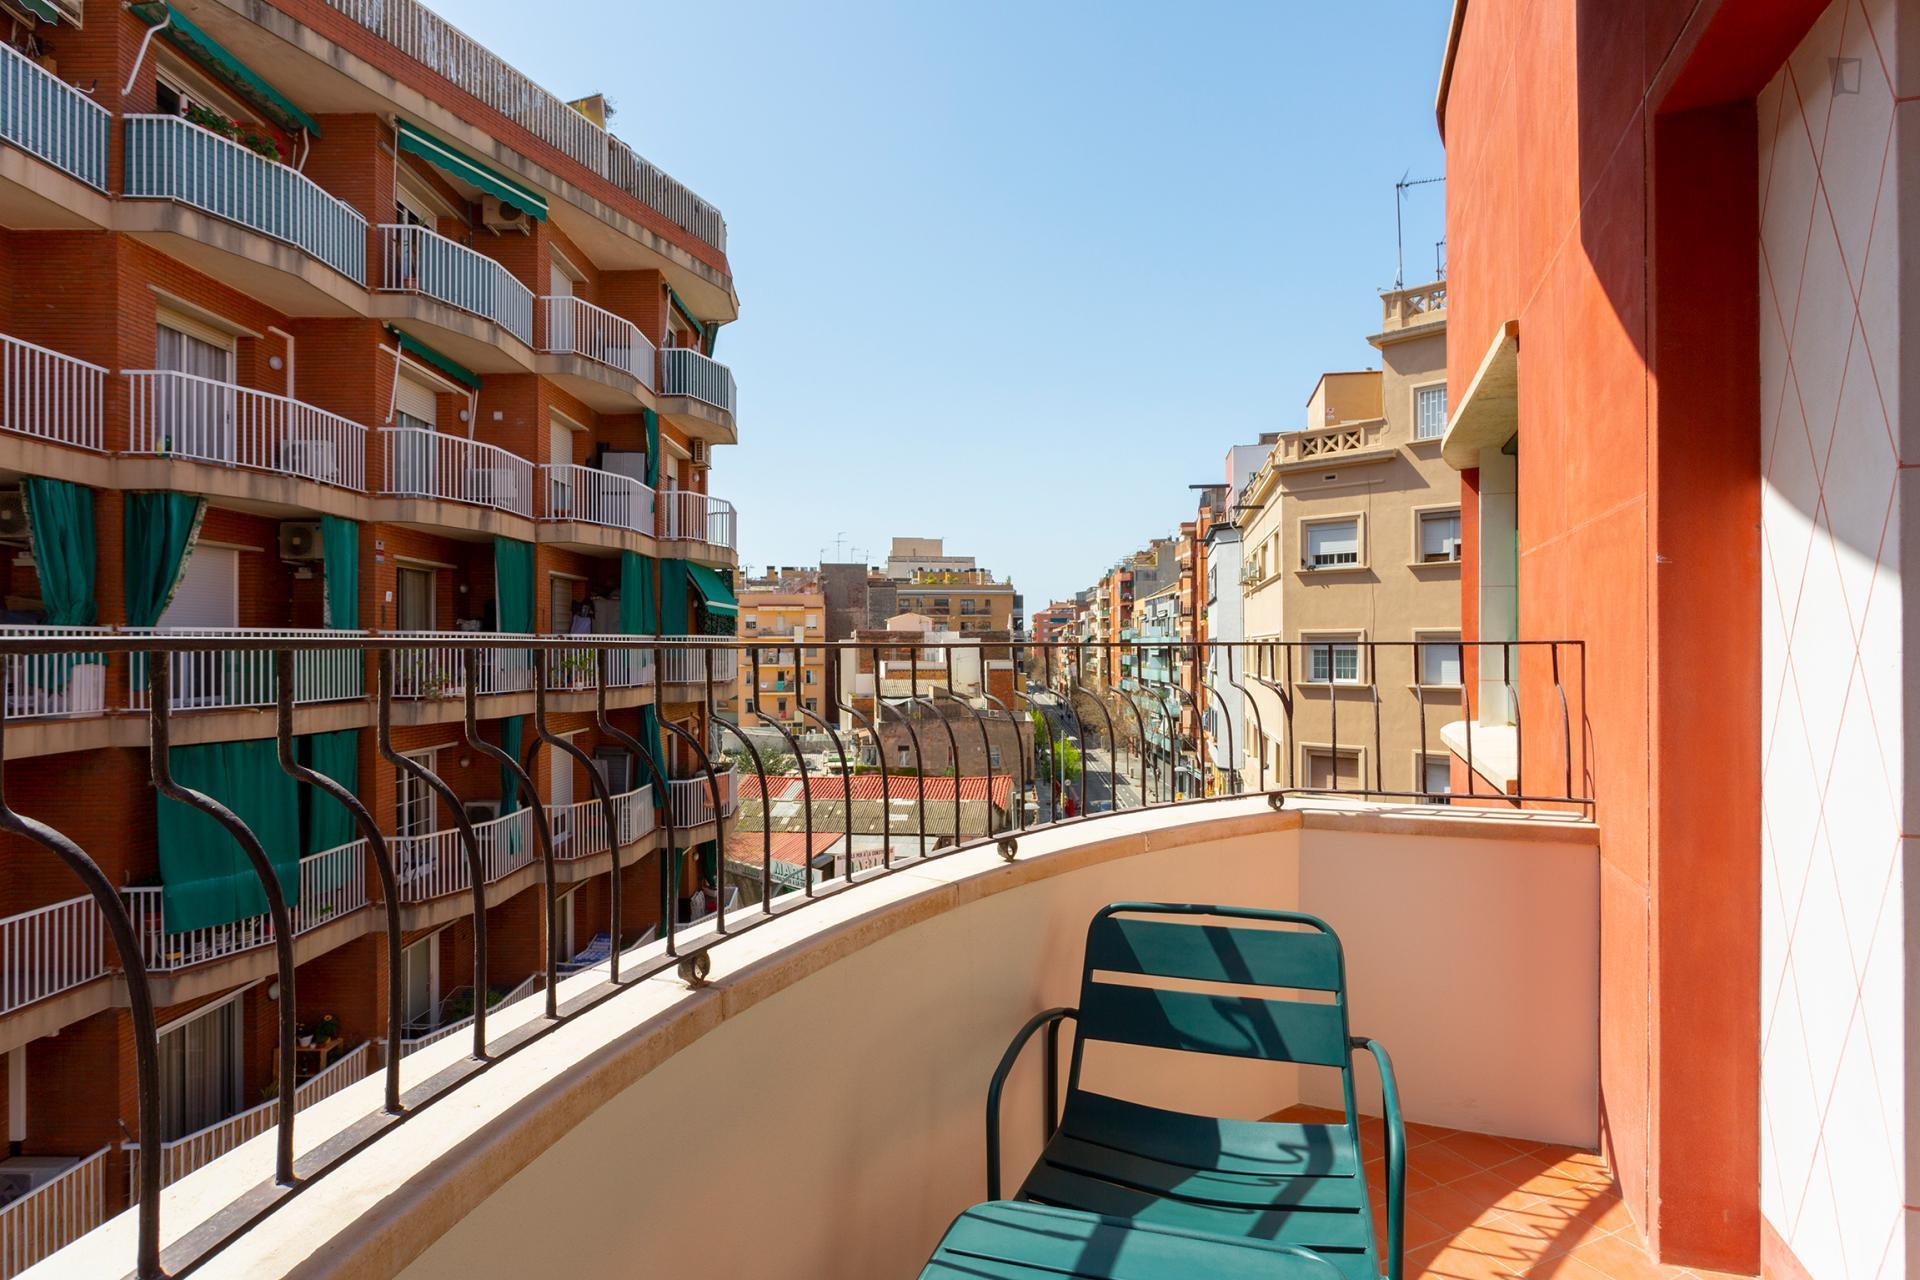 Portugalete 3 - Piso amueblado para expats en Barcelona